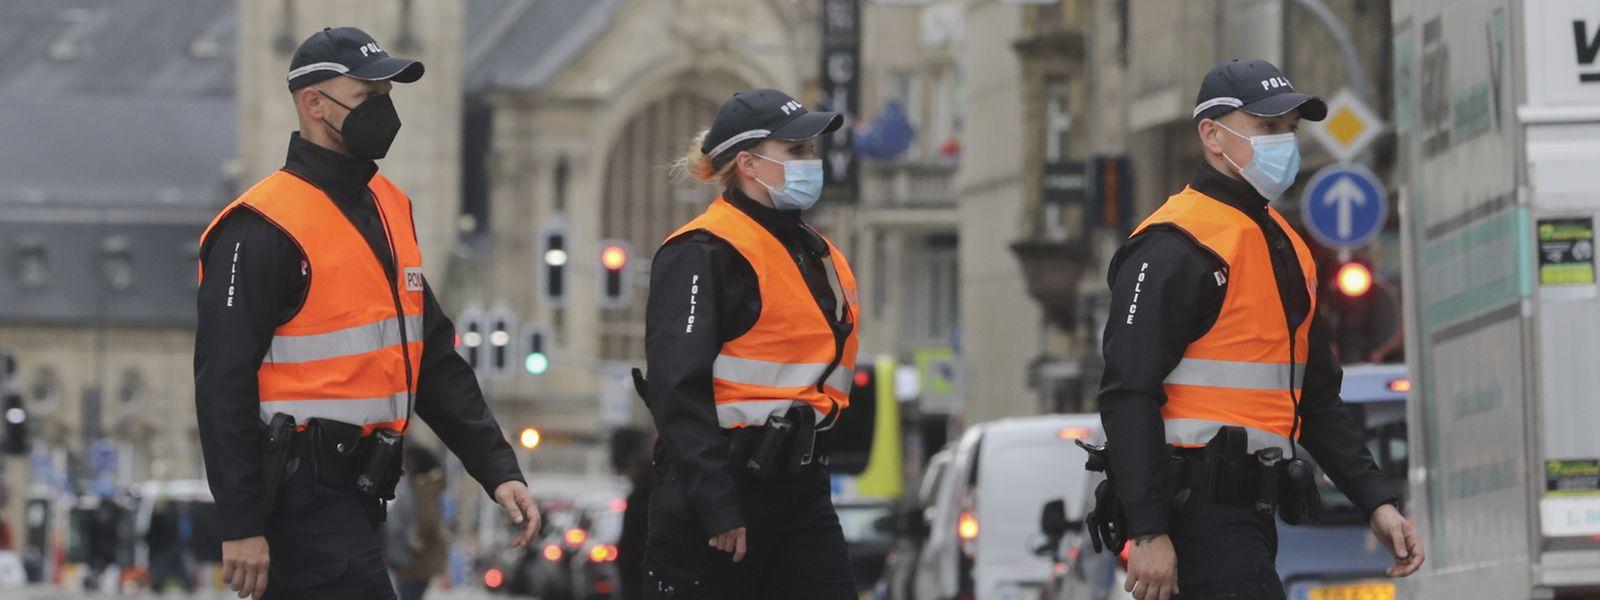 Fehlende sichtbare Polizeipräsenz trägt mitunter zu einem gewissen Unsicherheitsgefühl bei. Um dem entgegenzuwirken, sollen weit mehr neue Polizisten rekrutiert werden, als bislang geplant.